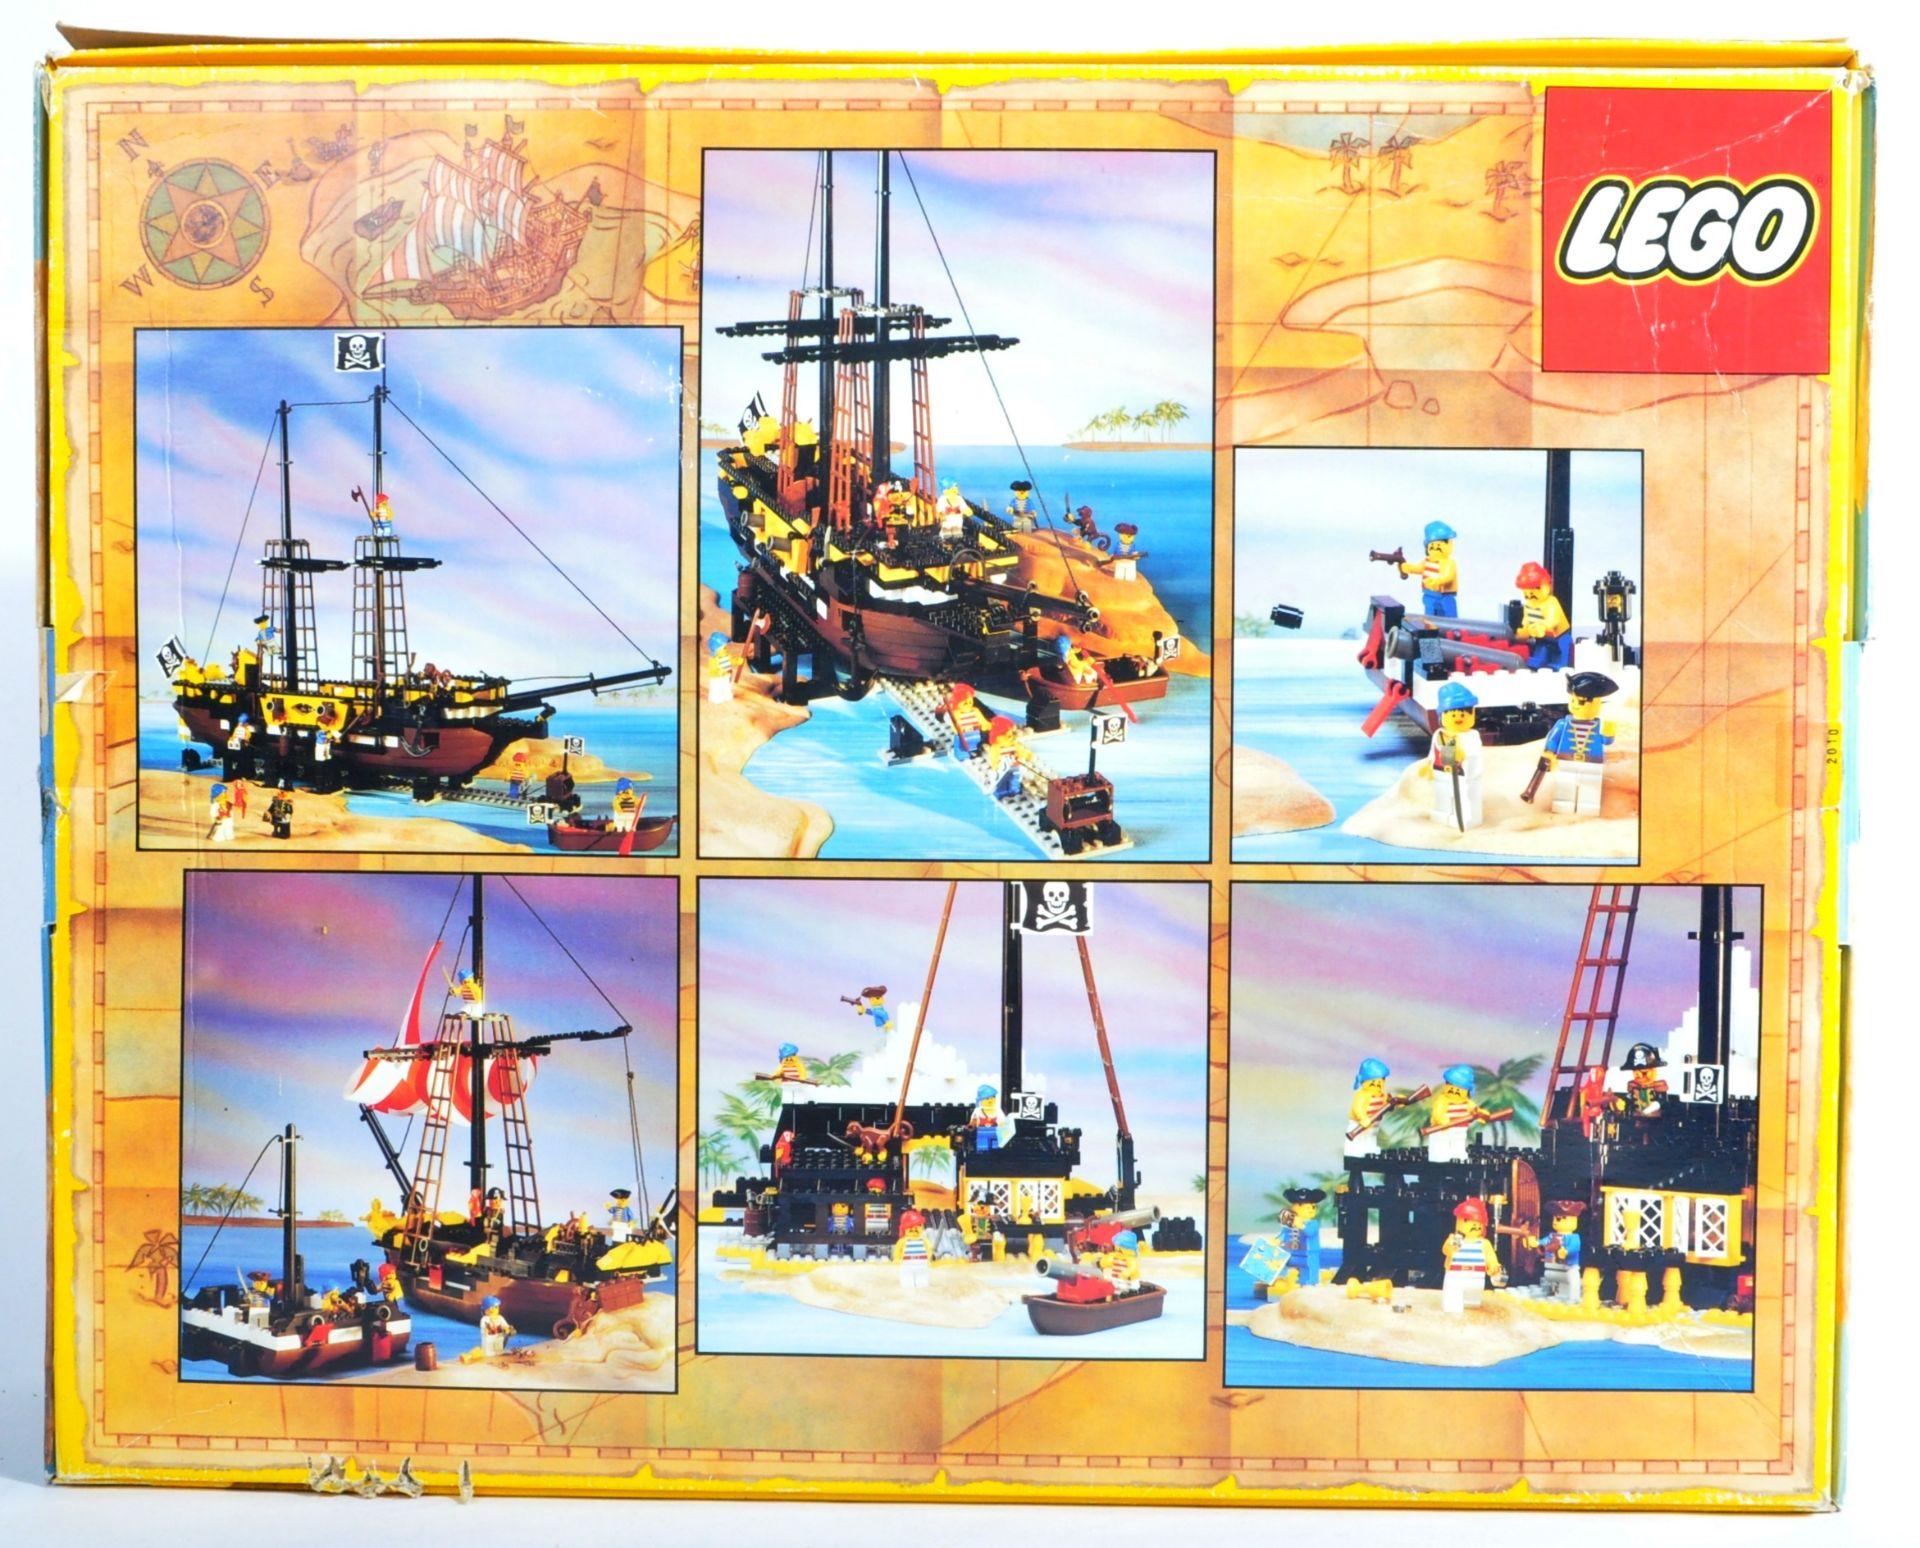 LEGO SET - LEGO LAND - 6285 - BLACK SEAS BARRACUDA - Image 2 of 8